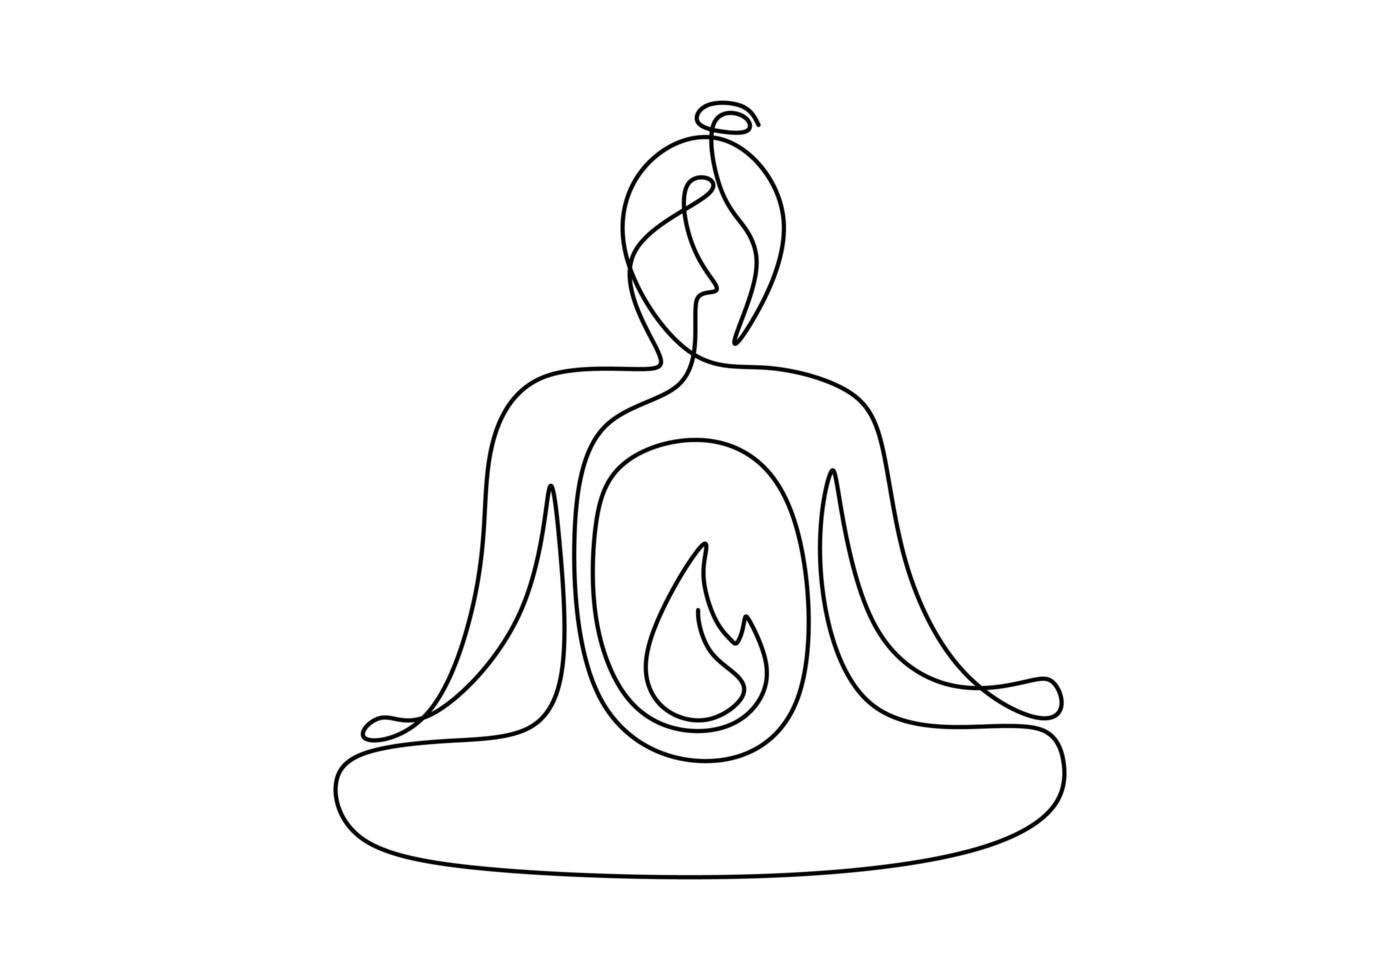 mulher fazendo ioga exercício contínuo estilo minimalismo de ilustração vetorial de uma linha. linda jovem sentada cruzando a perna com pose de lótus de ioga isolada no fundo branco. estilo minimalista vetor